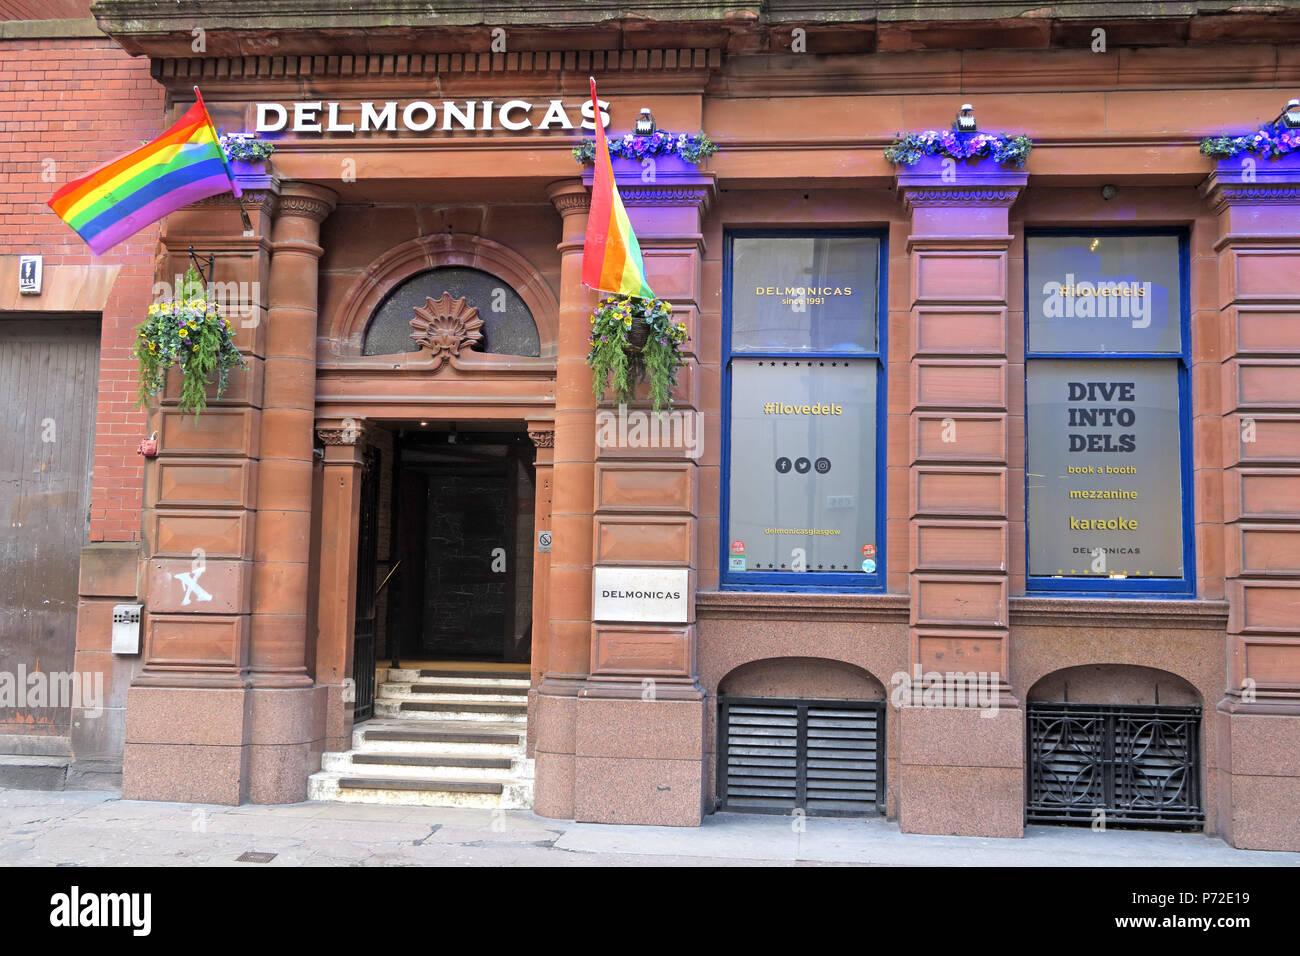 Laden Sie dieses Alamy Stockfoto Delmonicas Gay Bar, Virginia Street, Glasgow, Schottland, Großbritannien, G1 1TX, - P72E19